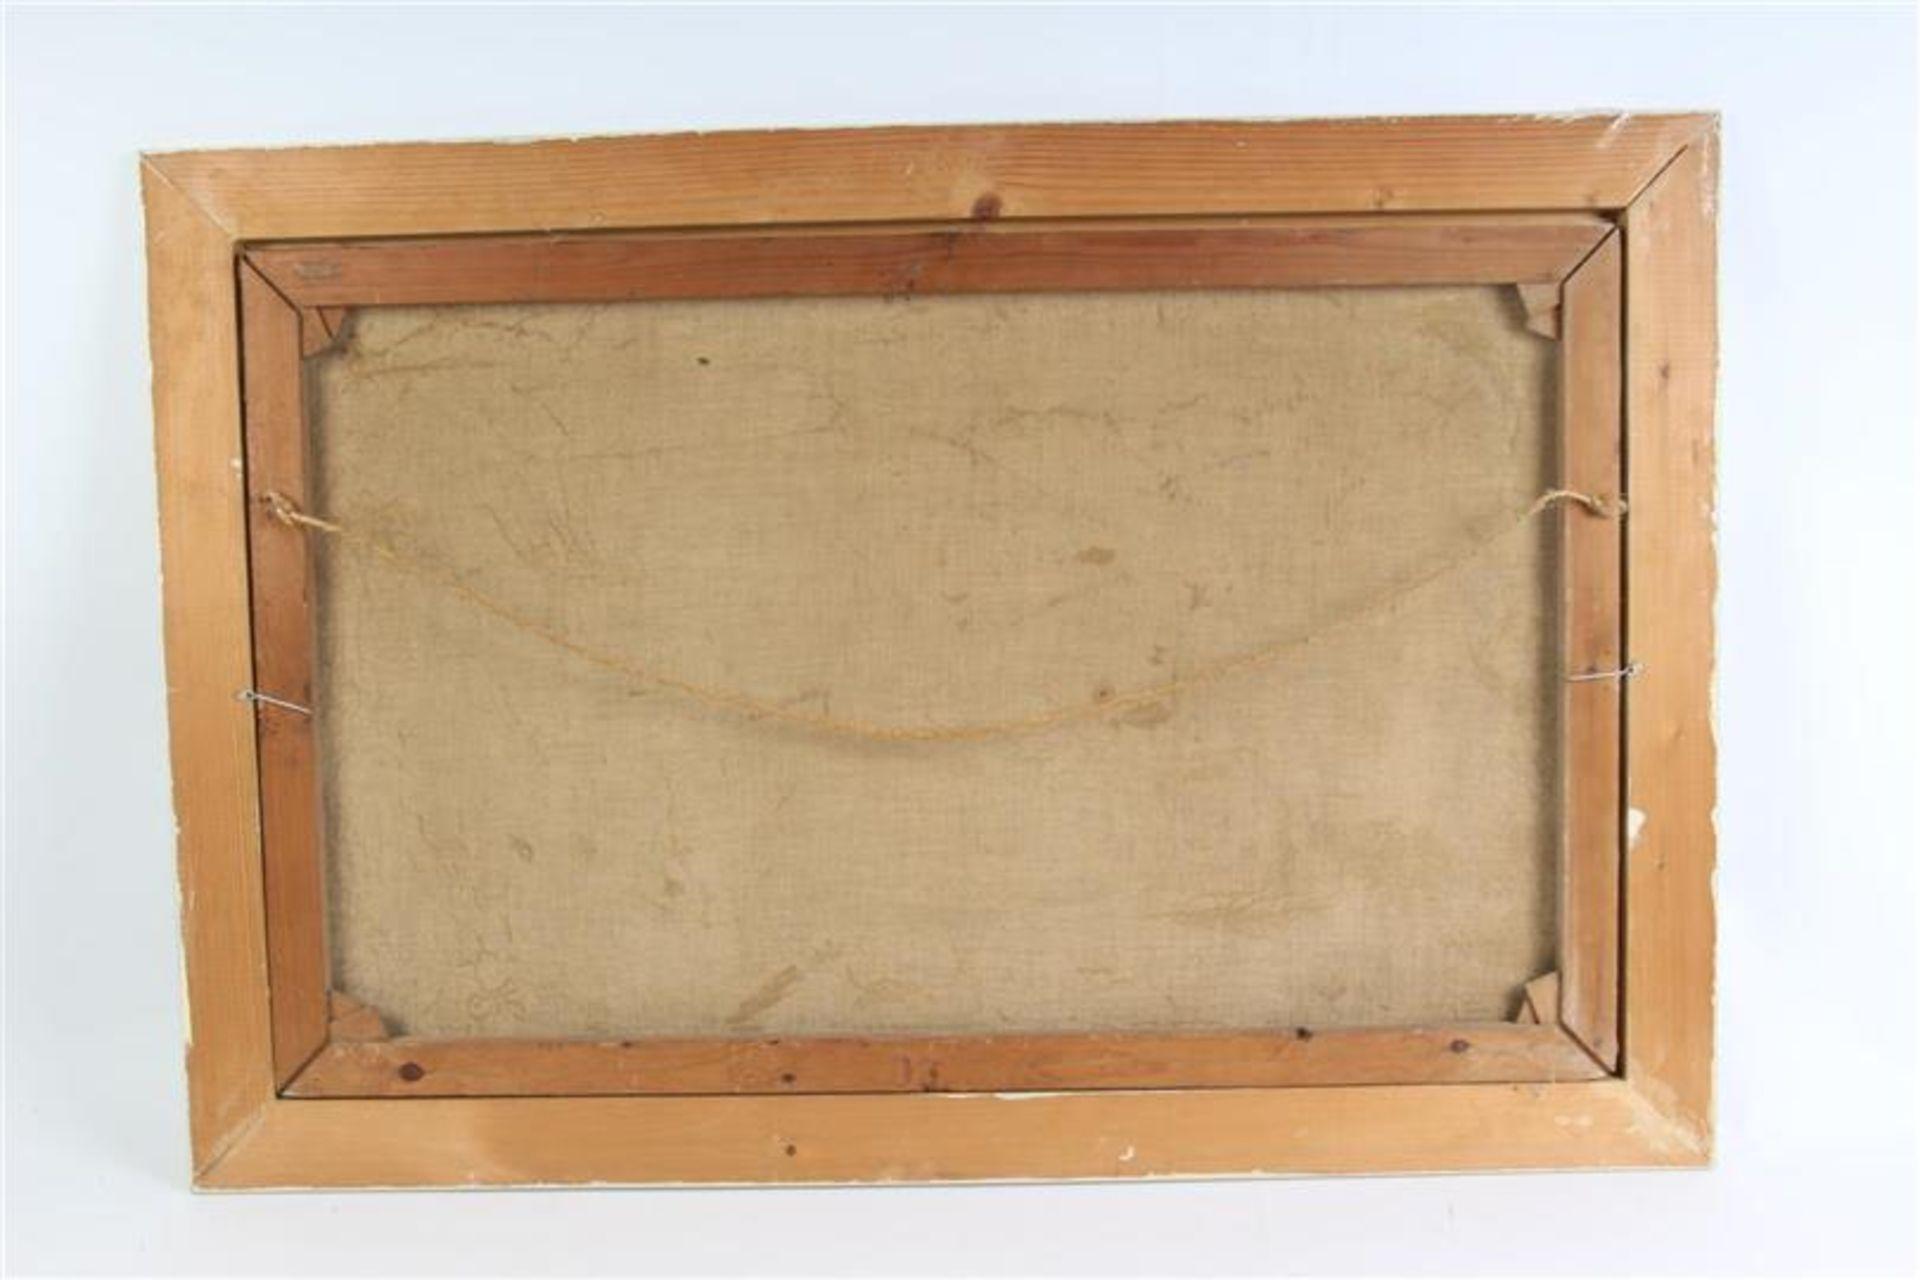 Schilderij, olieverf op doek 'Strandgezicht'. Simon Kramer (1880-1957) HxB: 49.3 x 79.3 cm. - Bild 3 aus 3